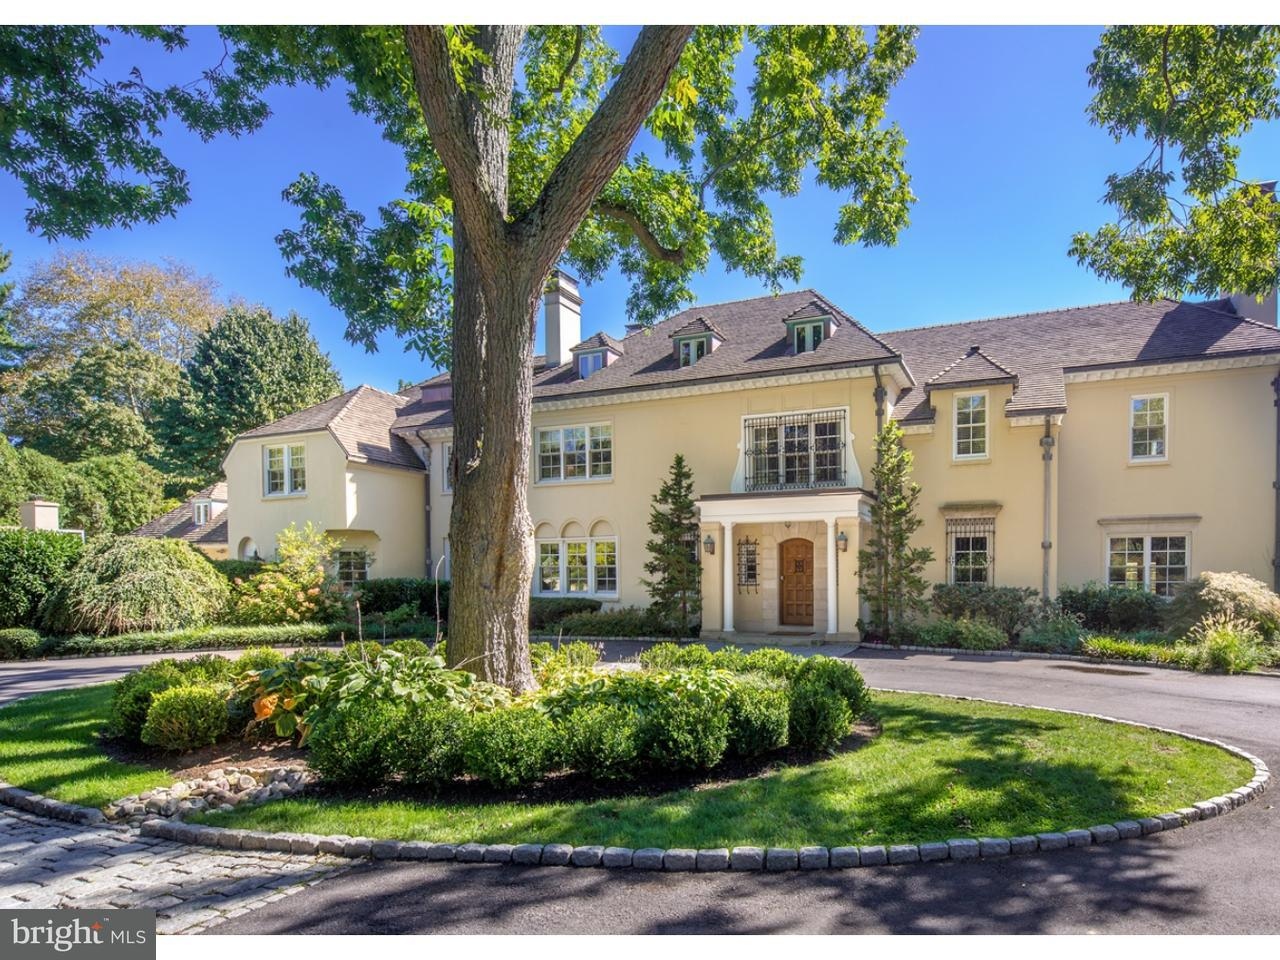 Частный односемейный дом для того Продажа на 1301 LAFAYETTE Road Gladwyne, Пенсильвания 19035 Соединенные Штаты